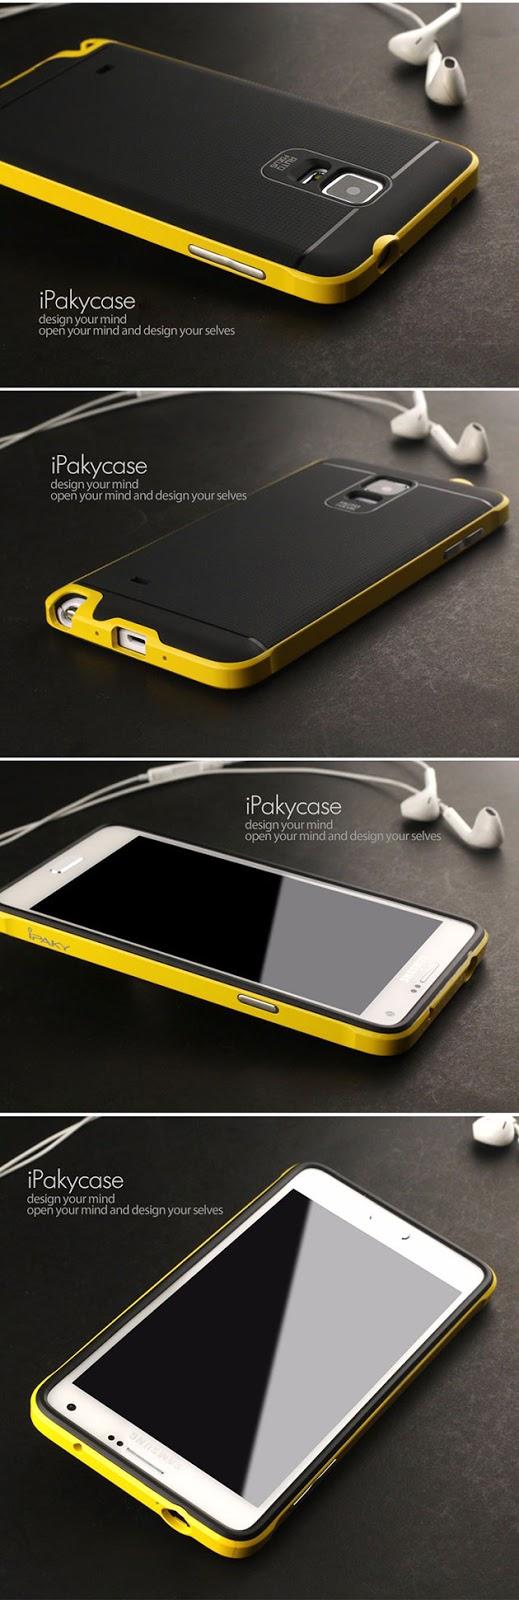 เคส Note 4 สไตล์ไฮบริดของแท้ 131003 สีเหลือง